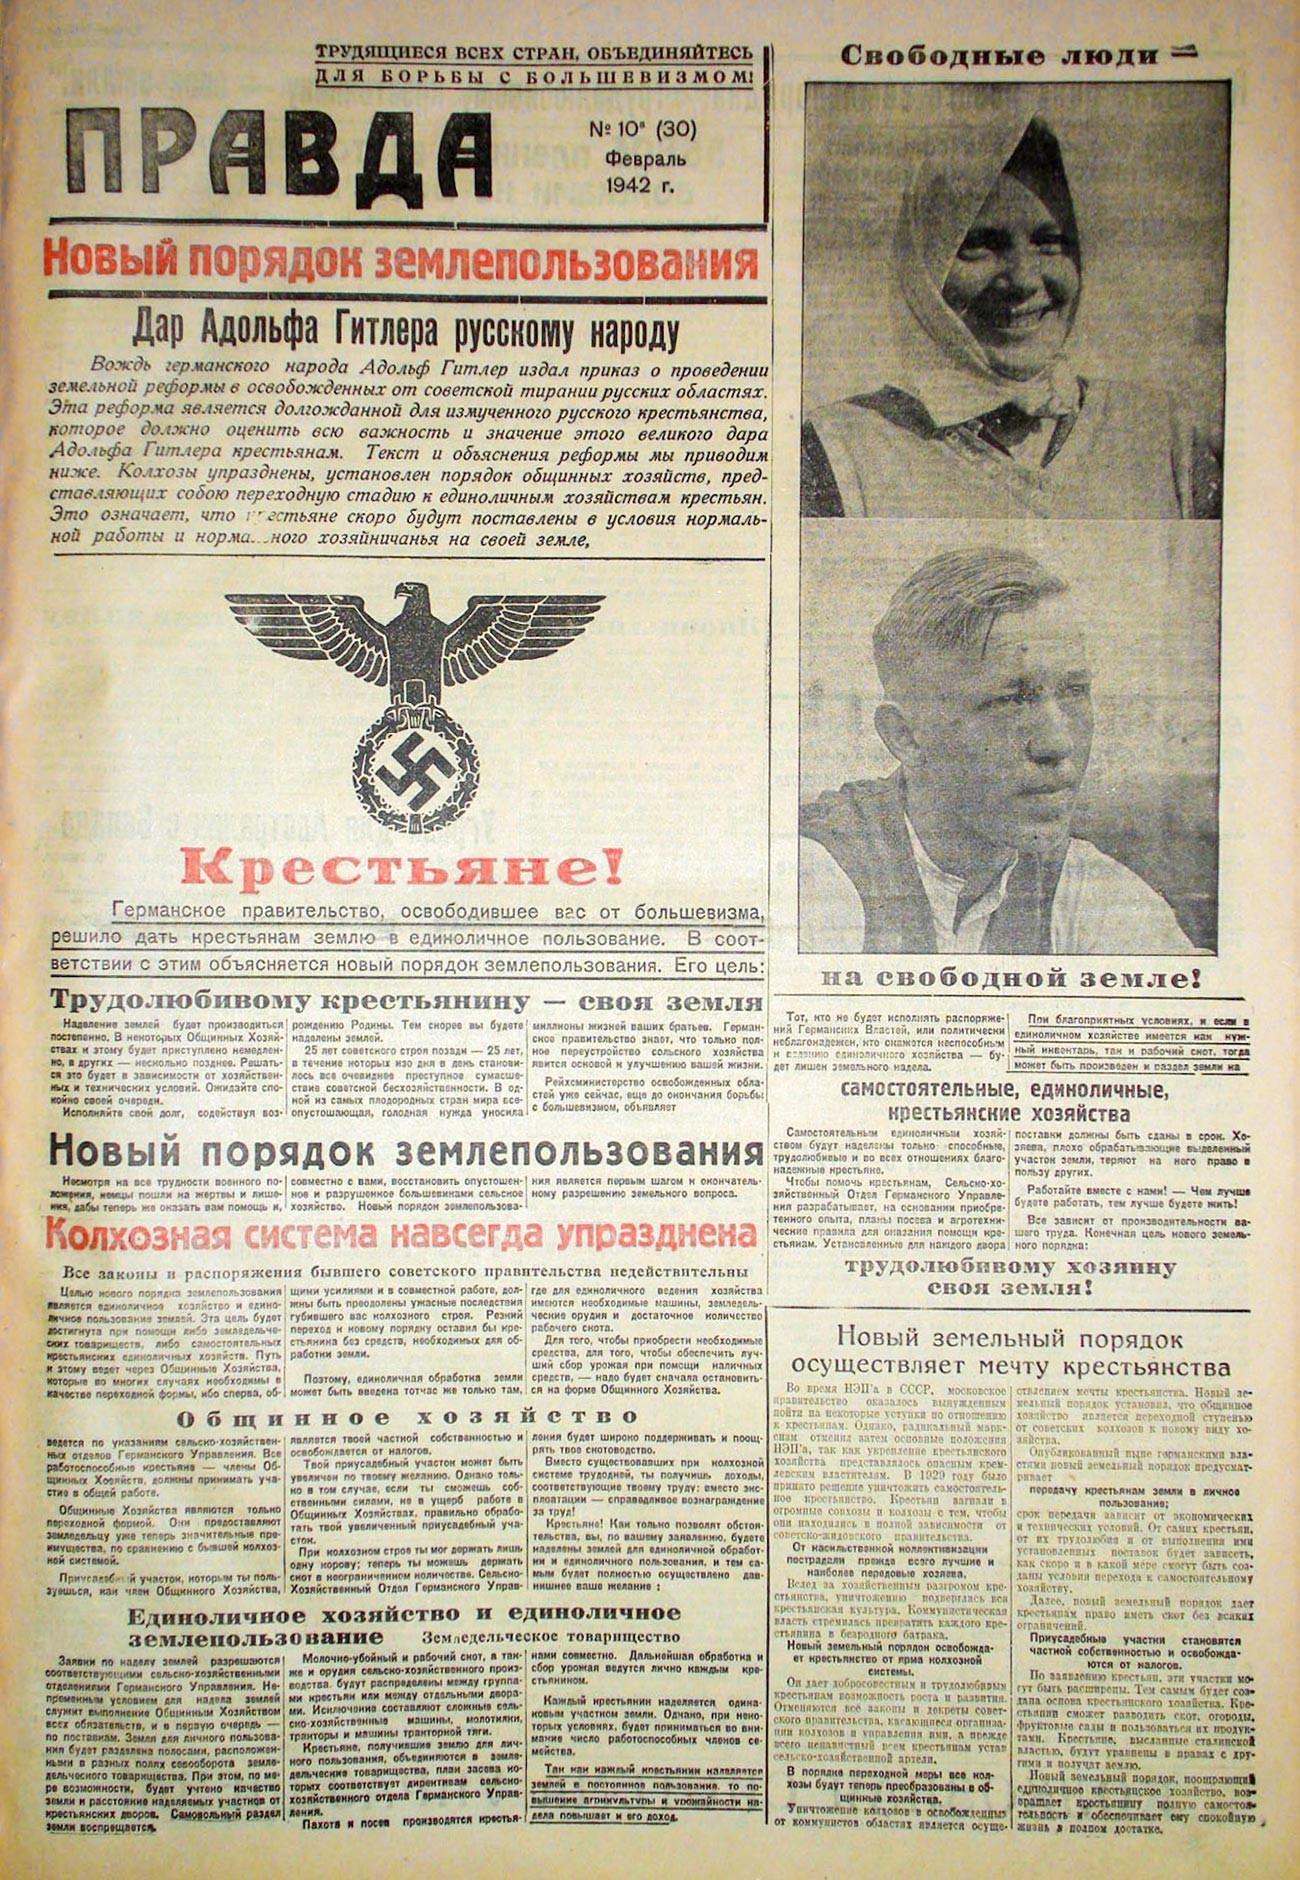 Газета «Правда» (немецкая оккупационная двуцветная газета), нацистская подделка под советскую газету «Правда».